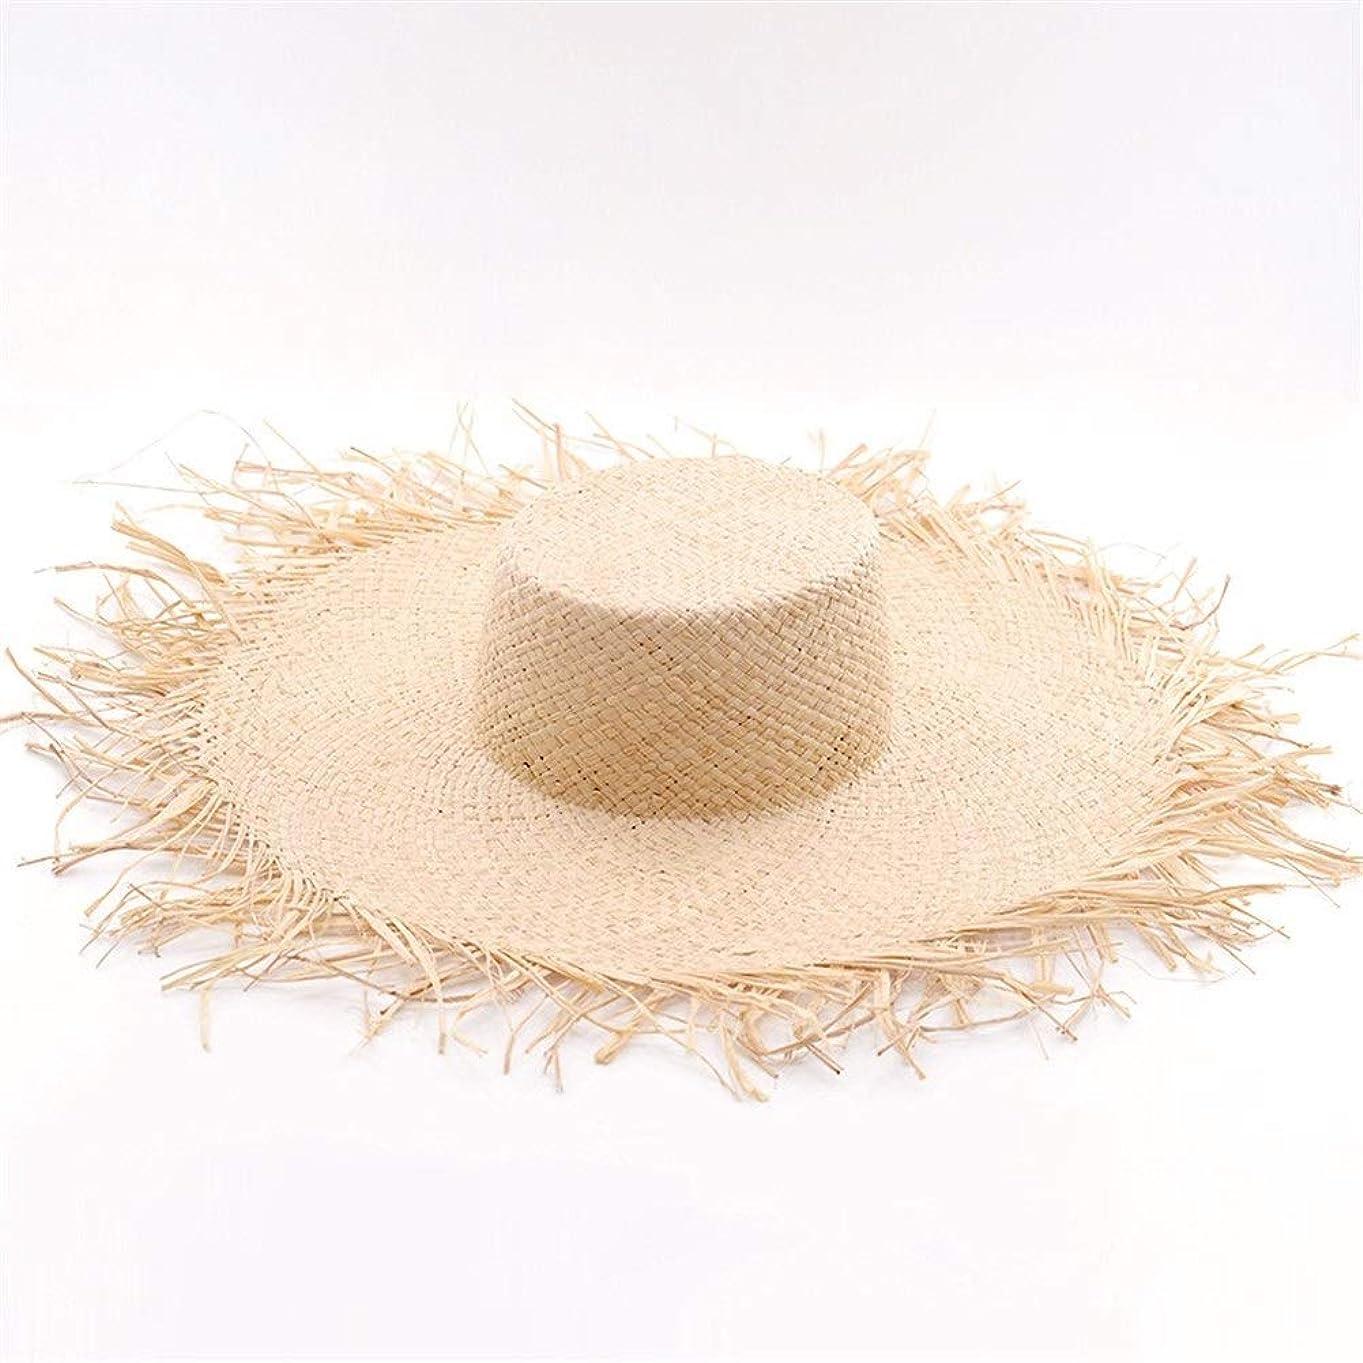 ラフィットビッグハットに沿って野生の毛深い帽子とラフィットビッグハットカジュアルハット潮の帽子